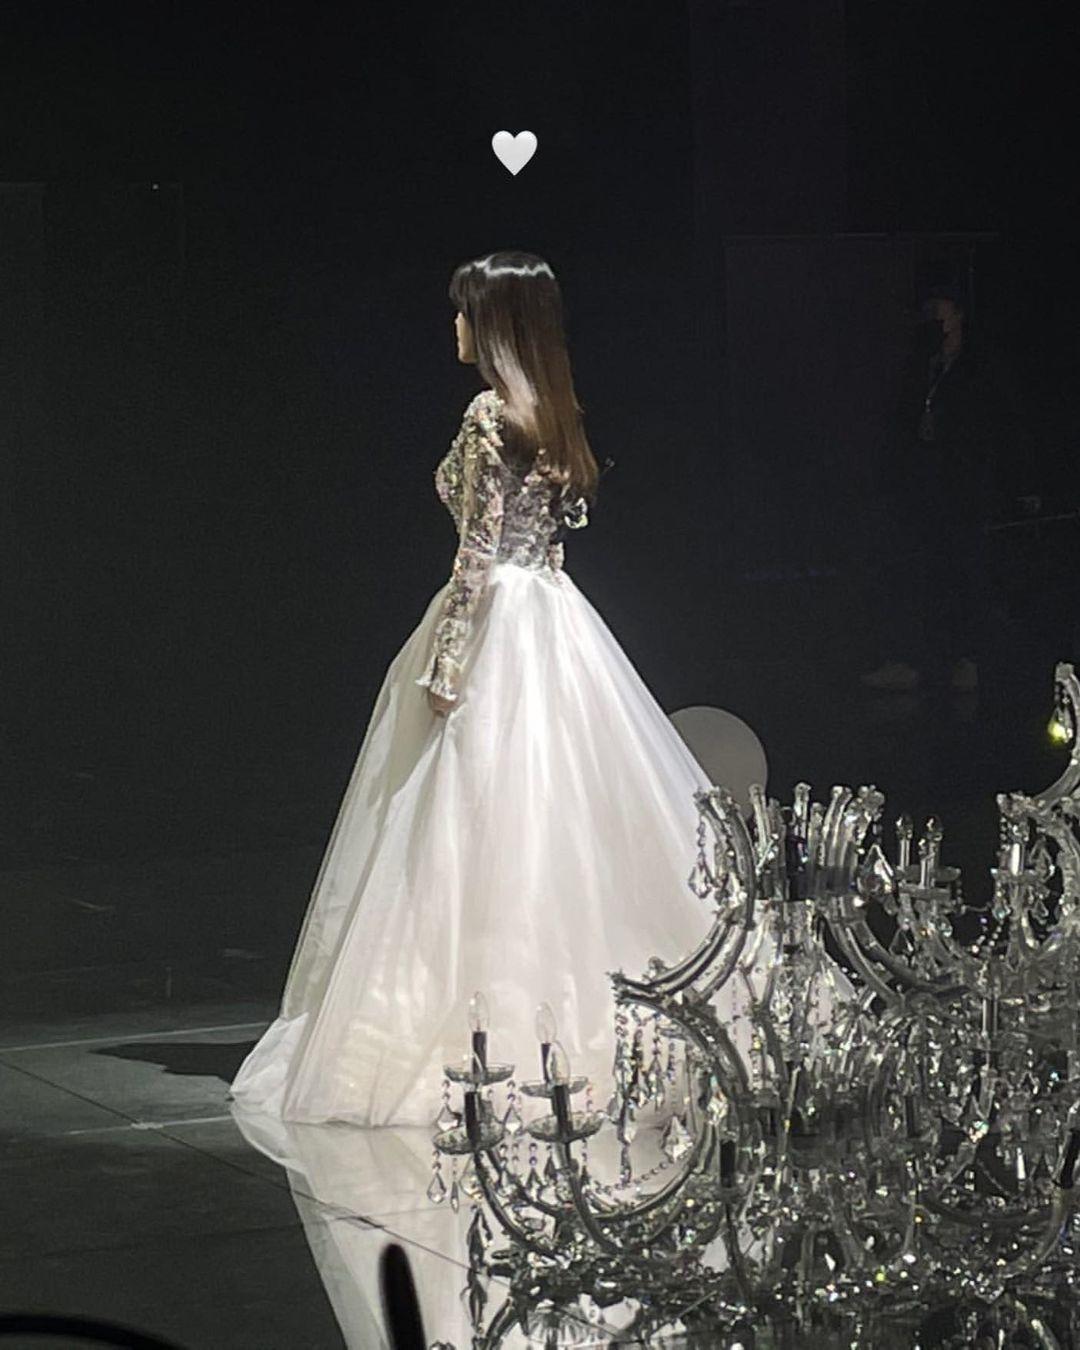 IU - cô gái sinh ra là để khoác những chiếc đầm công chúa lộng lẫy, khí chất bao nhiêu năm qua vẫn không suy giảm, thậm chí ngày càng nhuận sắc hơn - Ảnh 3.